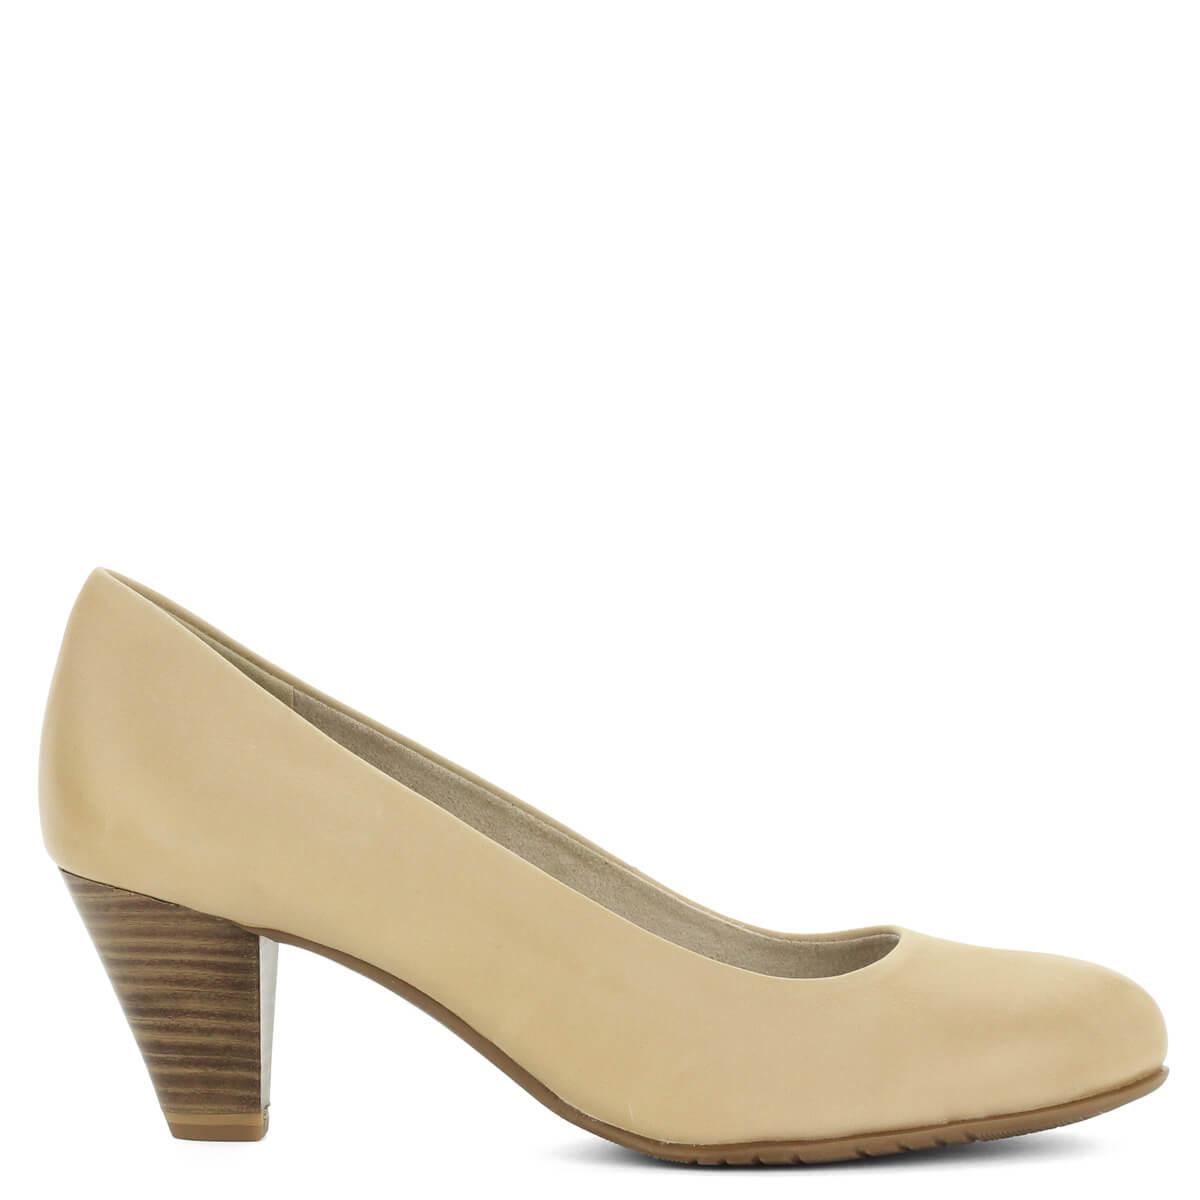 Bézs Tamaris cipő Antishokk sarokkal. Közepes magasságú (6 cm) sarokkal  készült 3db62e6d84